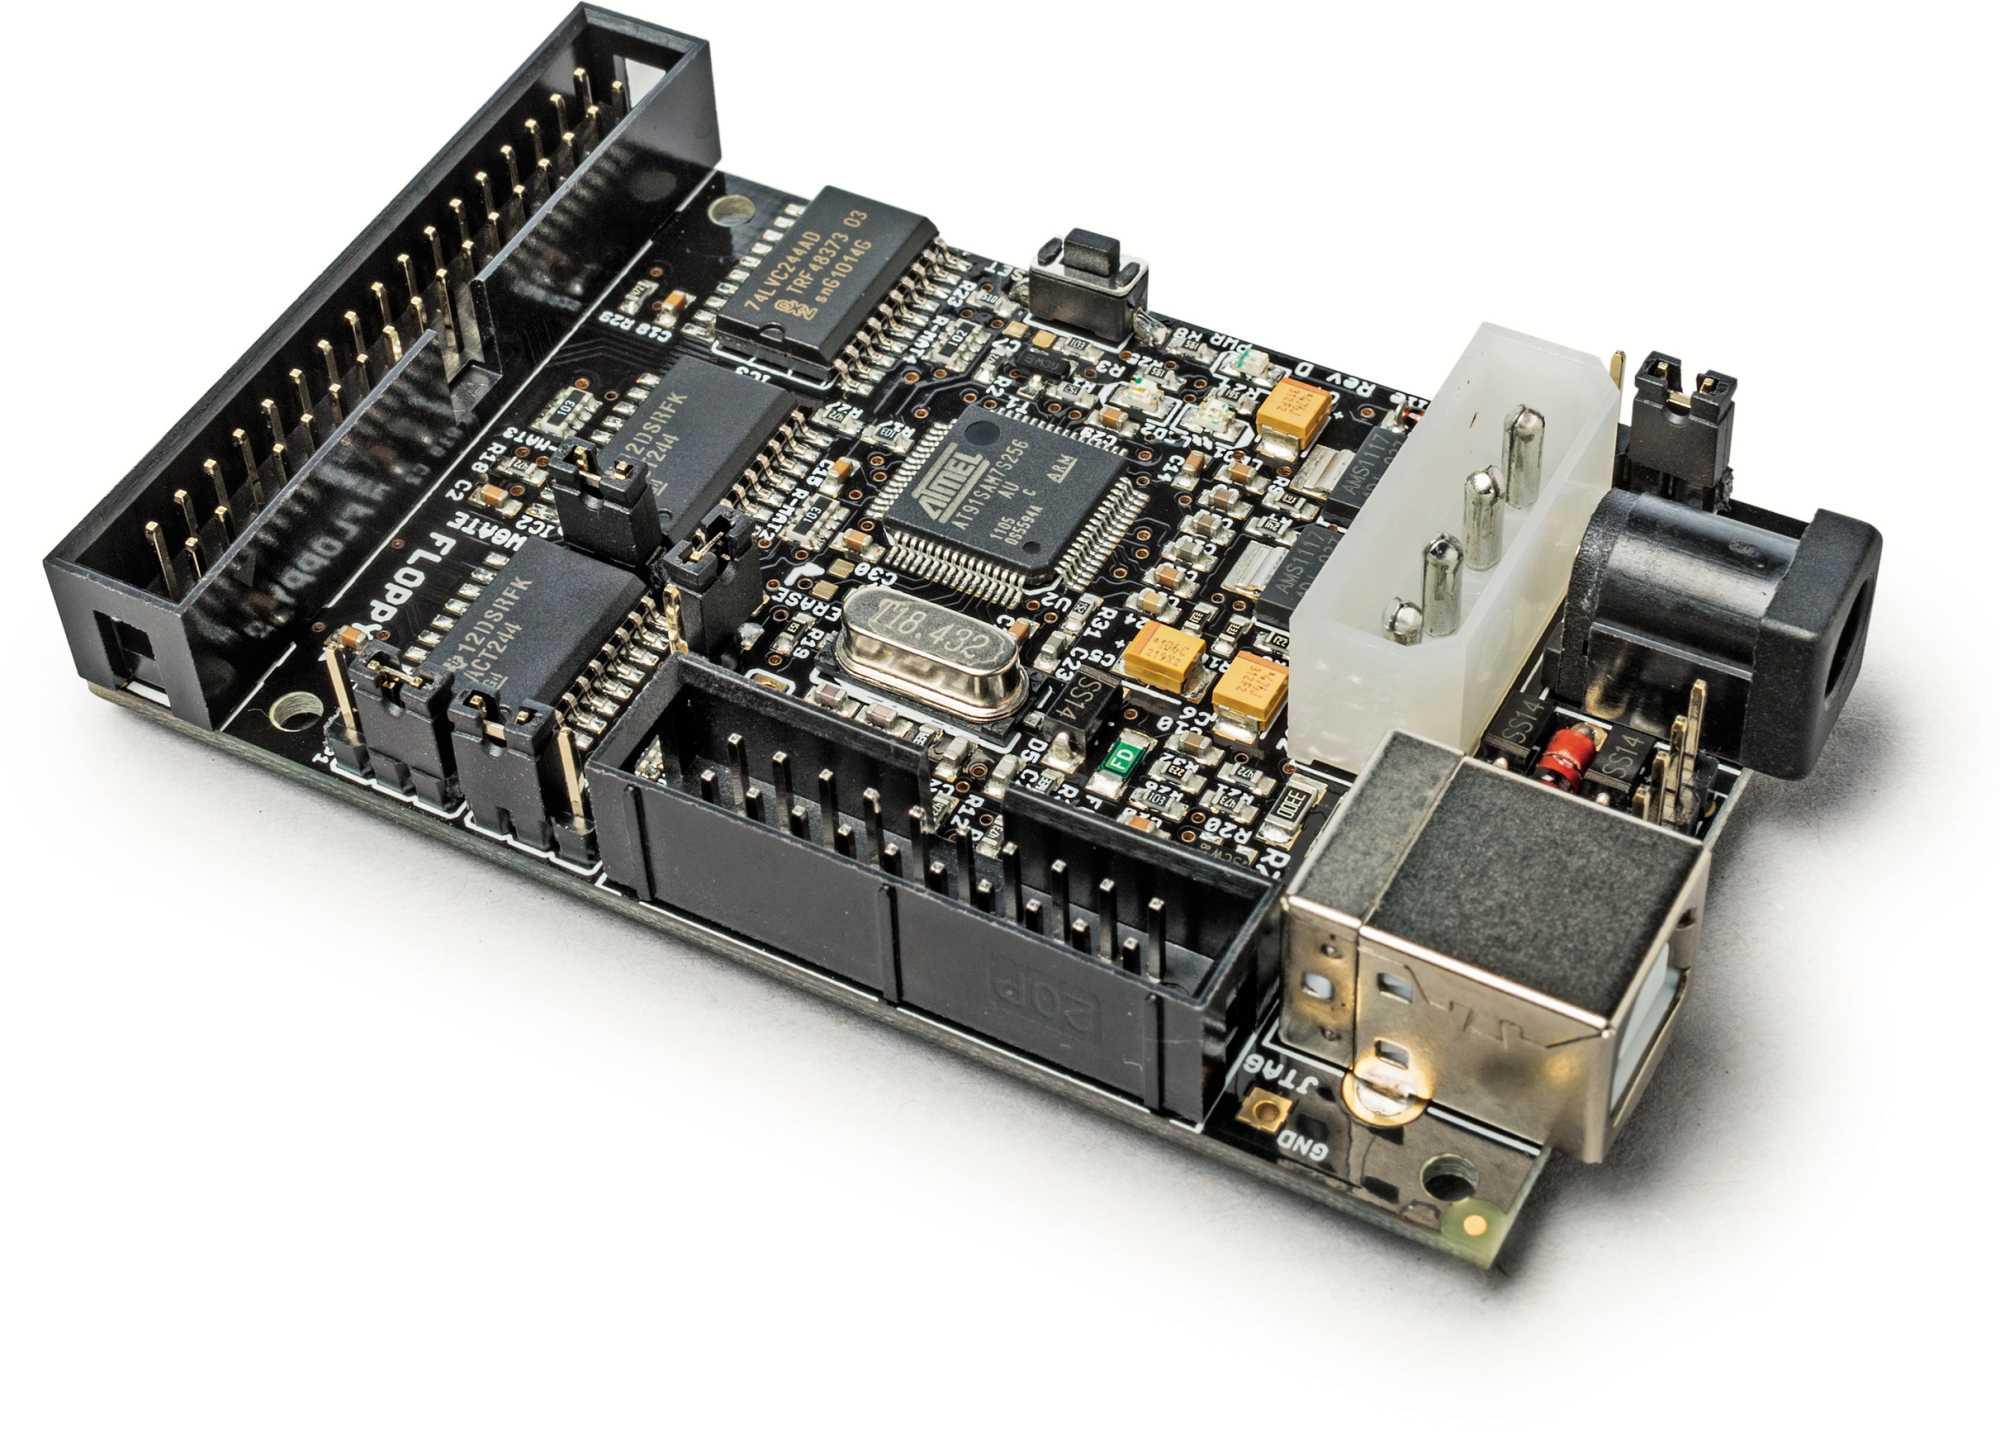 Kryoflux dient als Vermittler zwischen Diskettenlaufwerk und USB-Buchse. Es leitet alle Informationen des Laufwerks weiter, nicht nur die Datenbits.